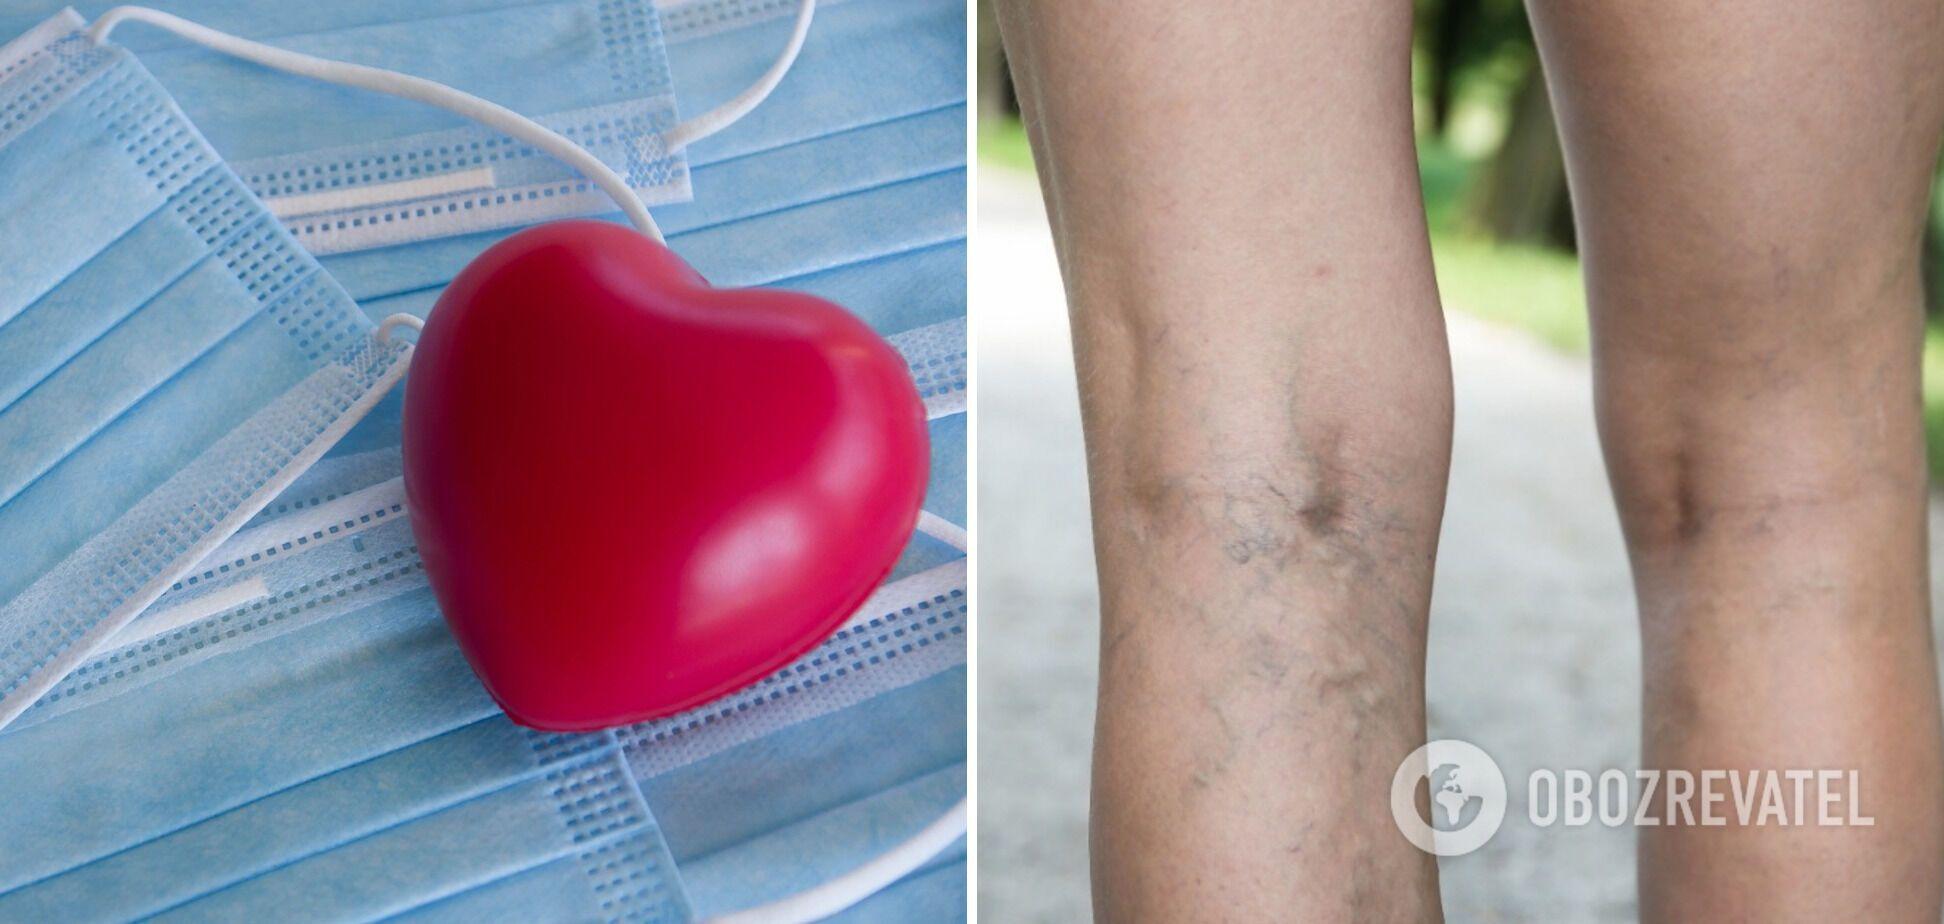 Риск образования тромбов и заболеваний сердца после COVID-19 выше, чем после вакцинации